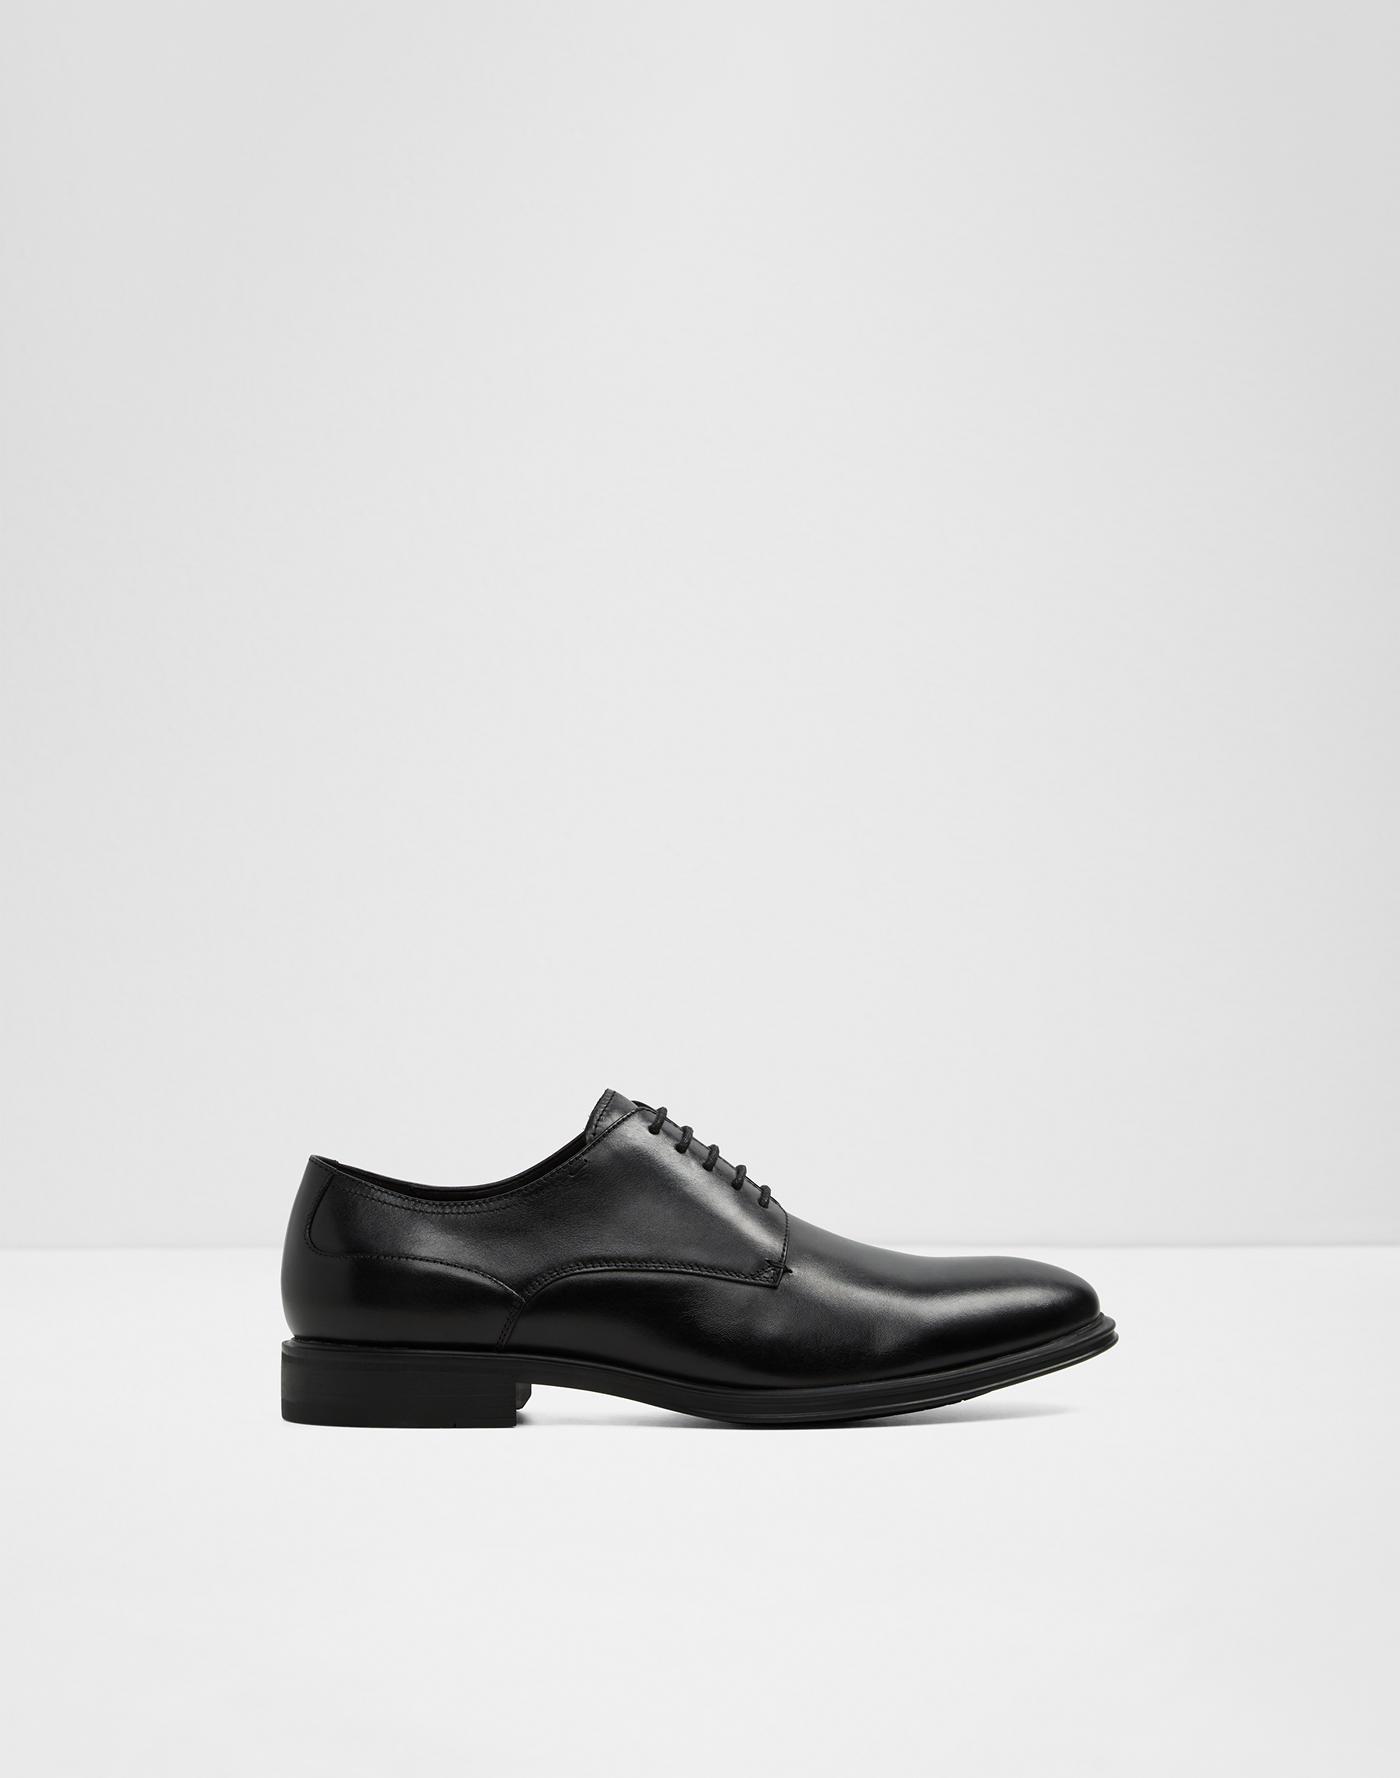 df05453efa2 Dress shoes